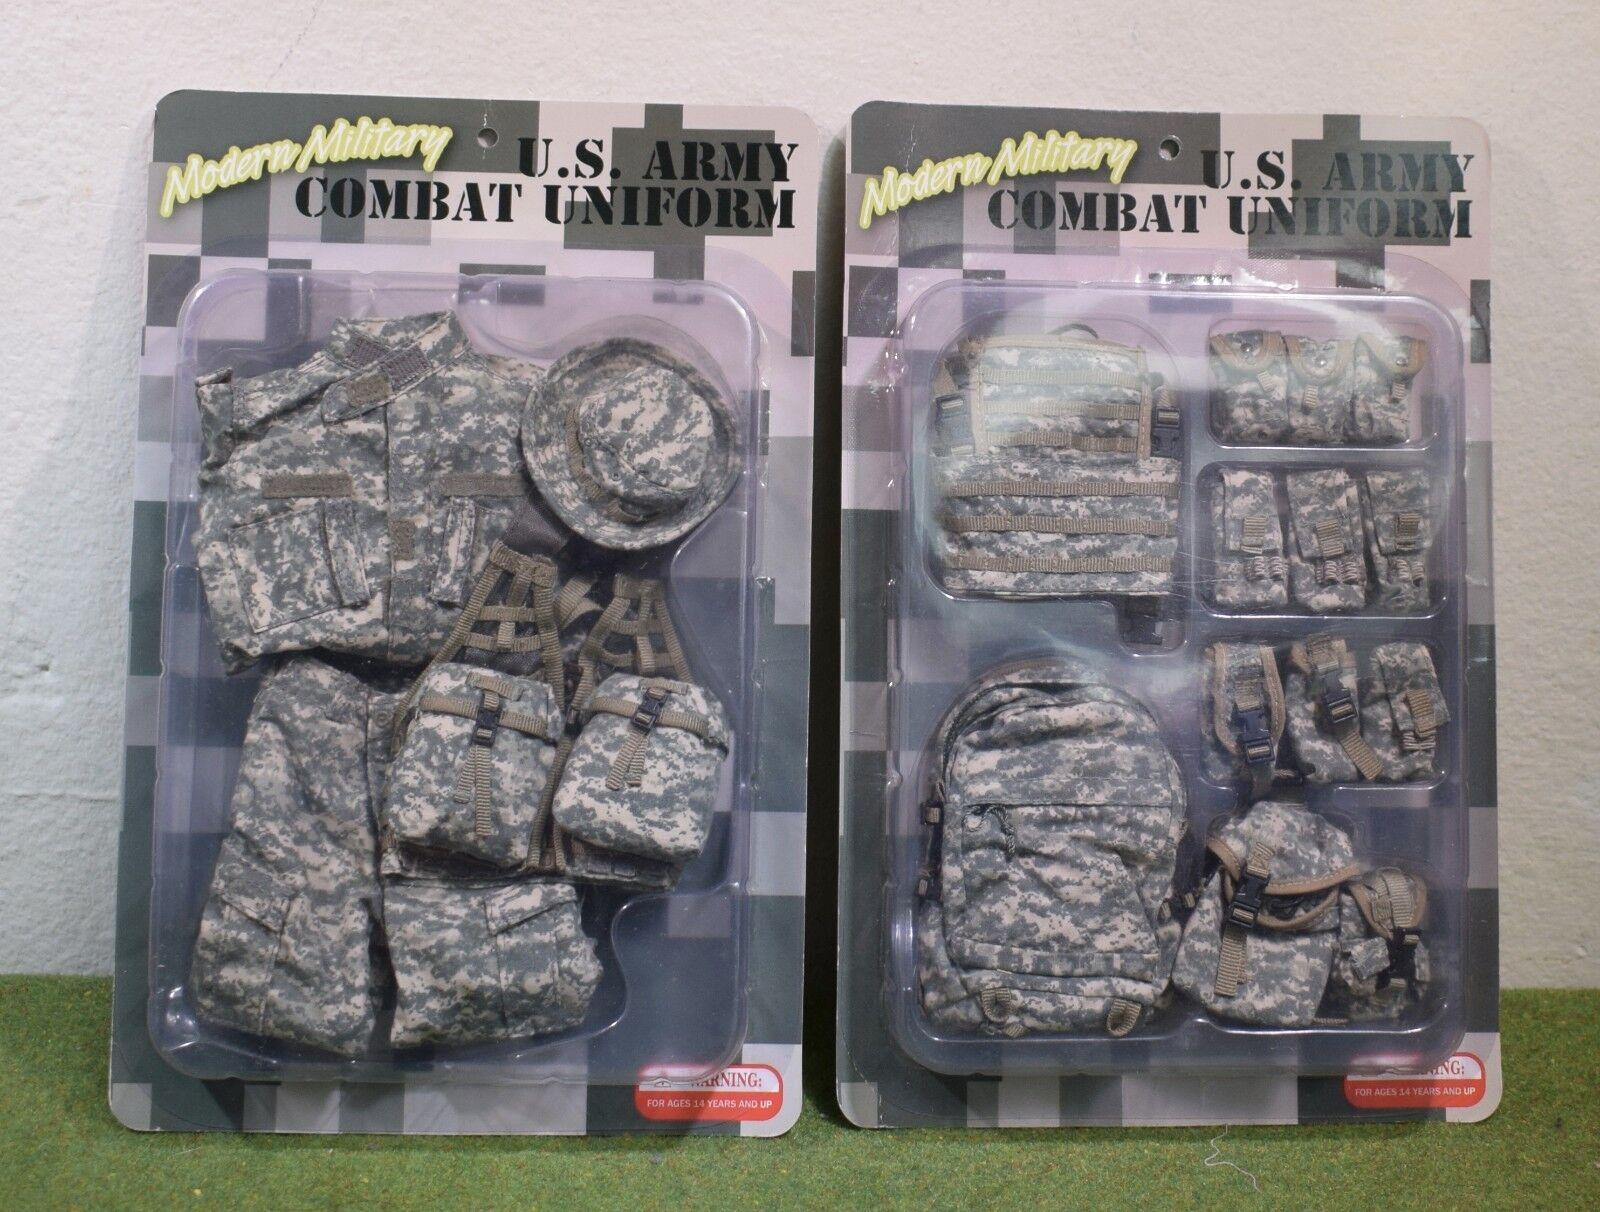 DRAGON DREAMS 1 6 MODERN US CARDED ARMY COMBAT UNIFORM E60051 & E60052